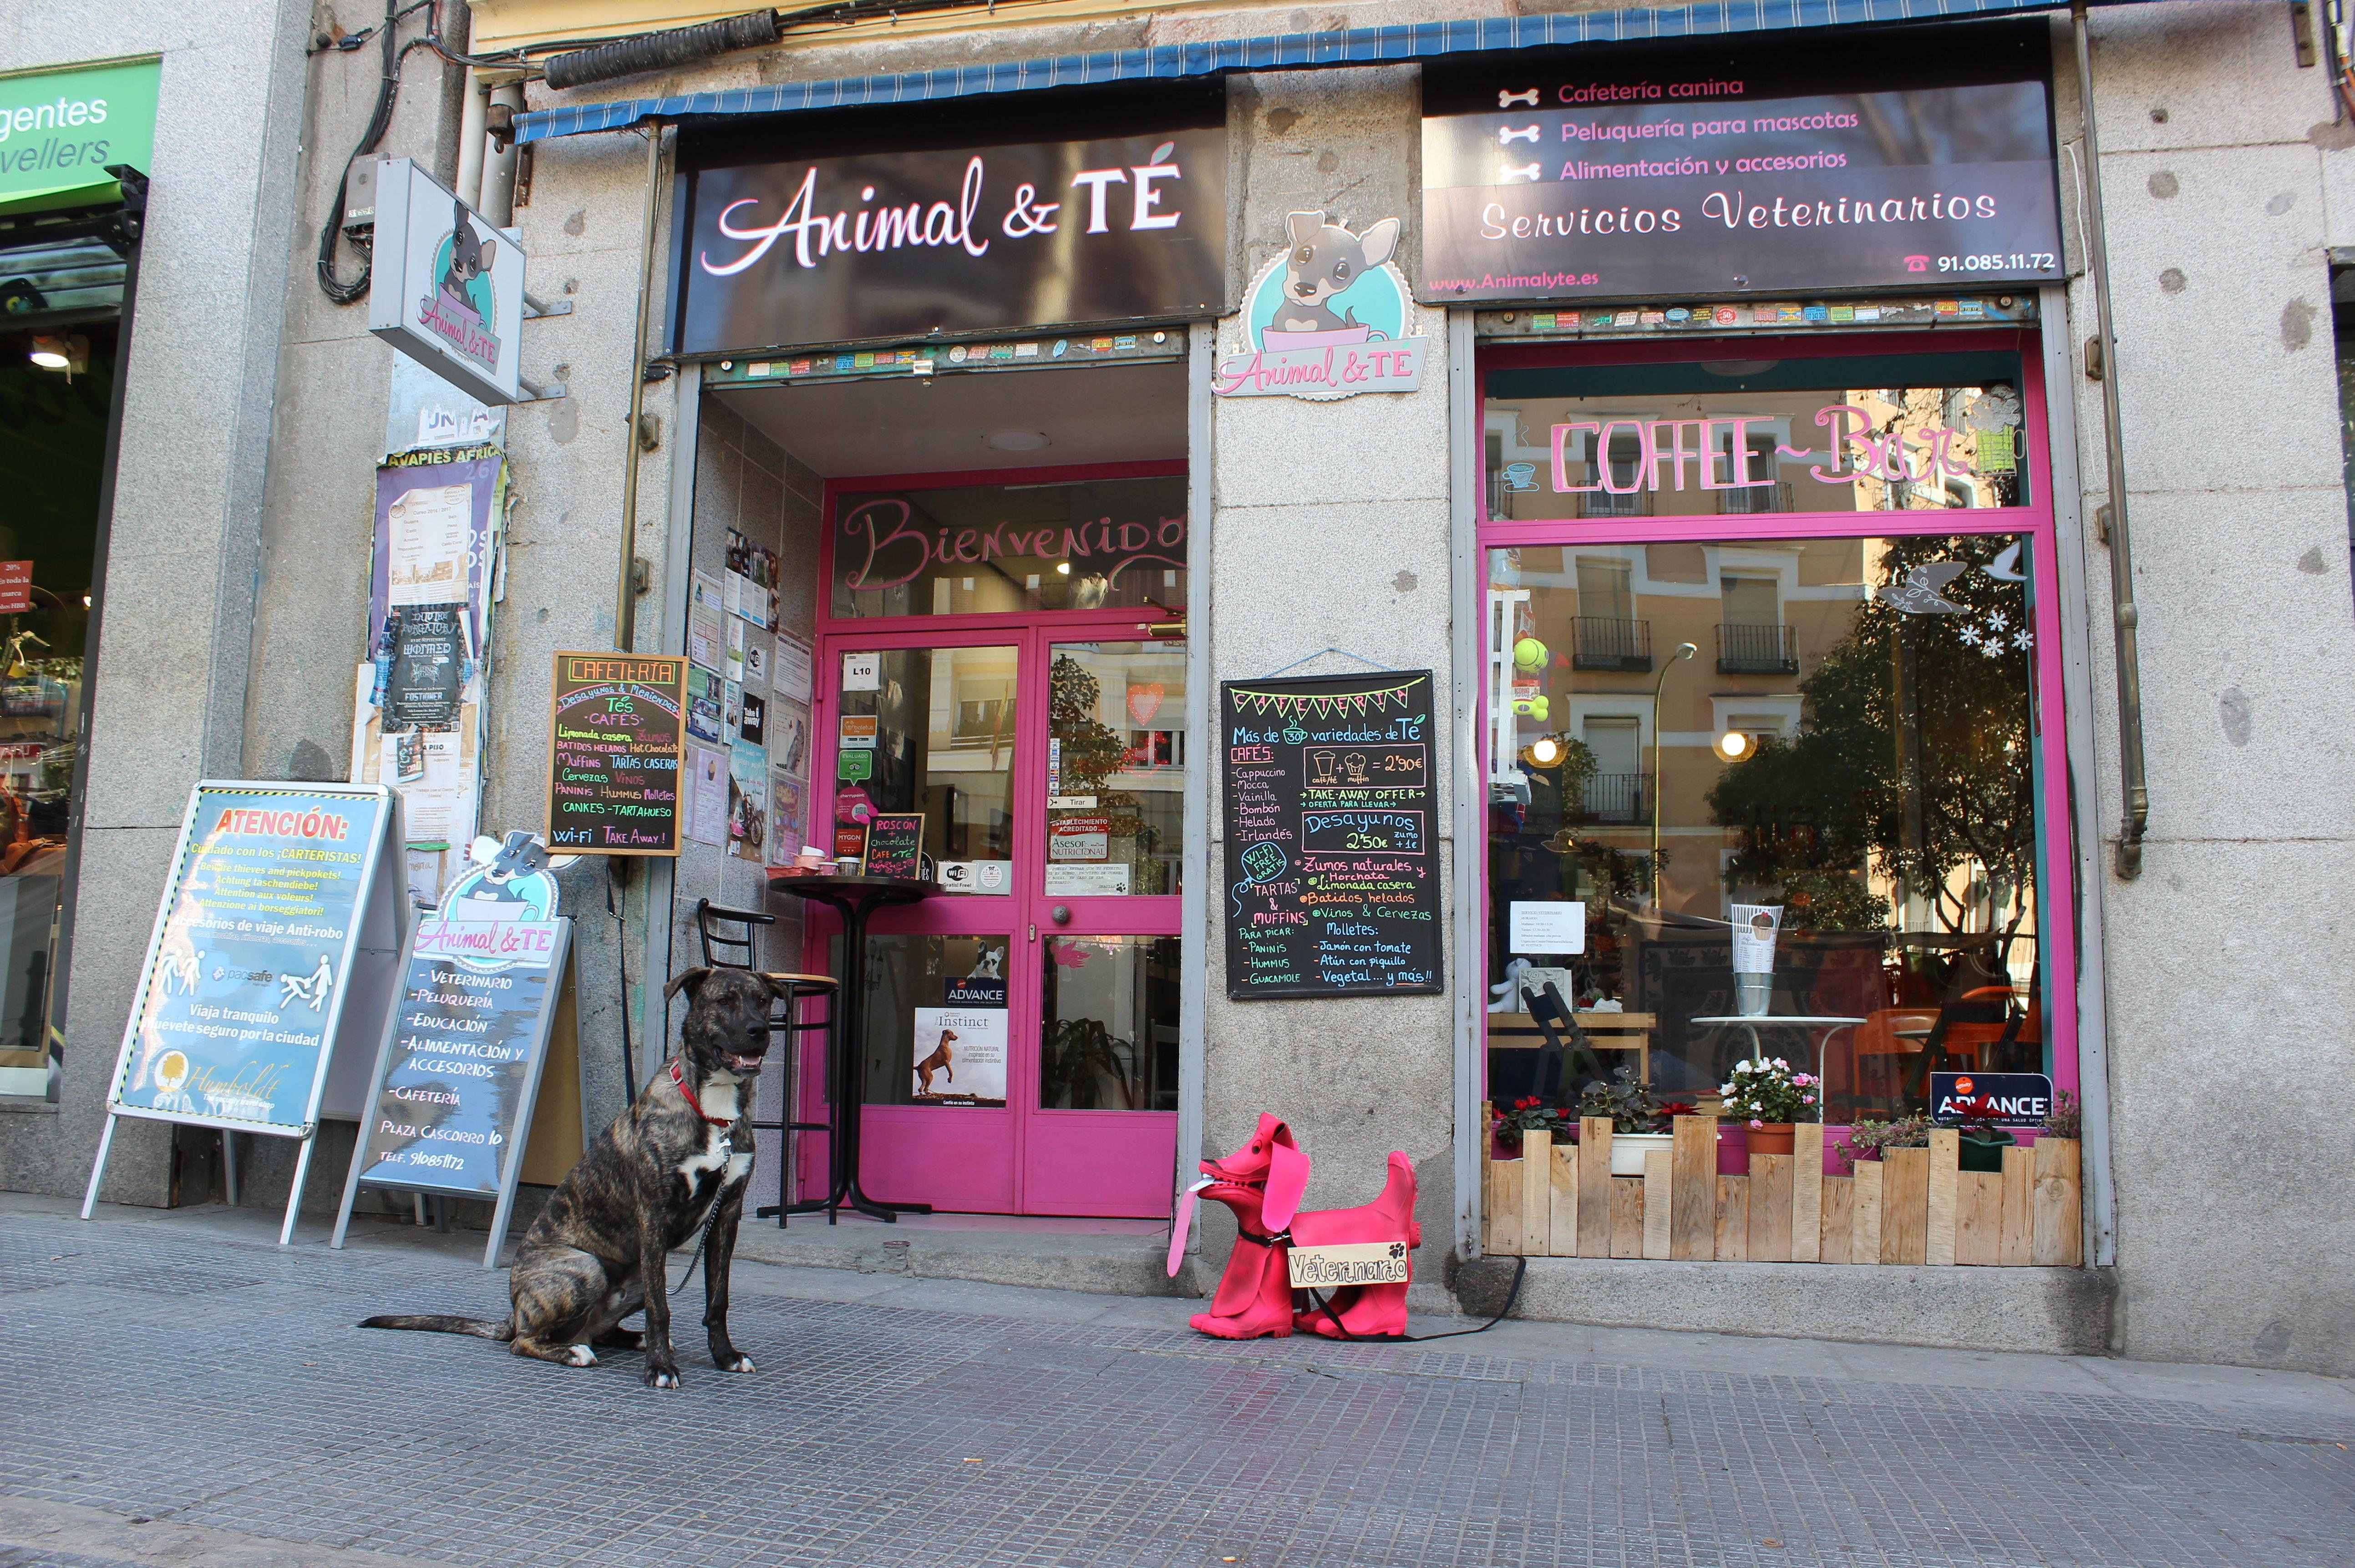 Foto 2 de Tienda de animales en Madrid | Animal&TÉ